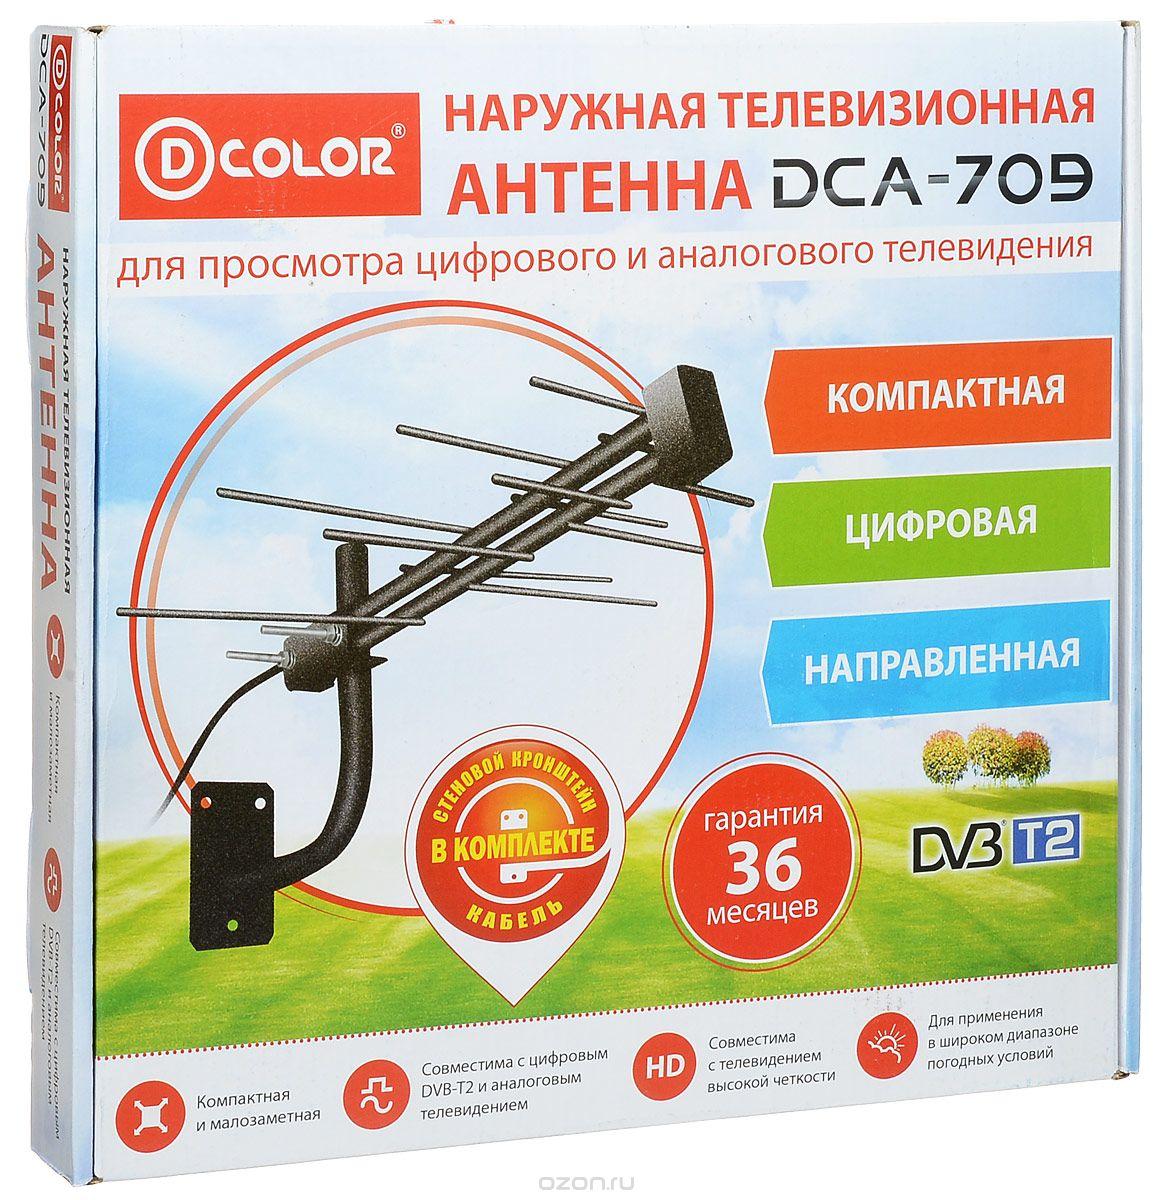 D-Color DCA-709 антенна для цифрового ТВ (пассивная) цвет: серый d color dca 111 комнатная тв антенна пассивная